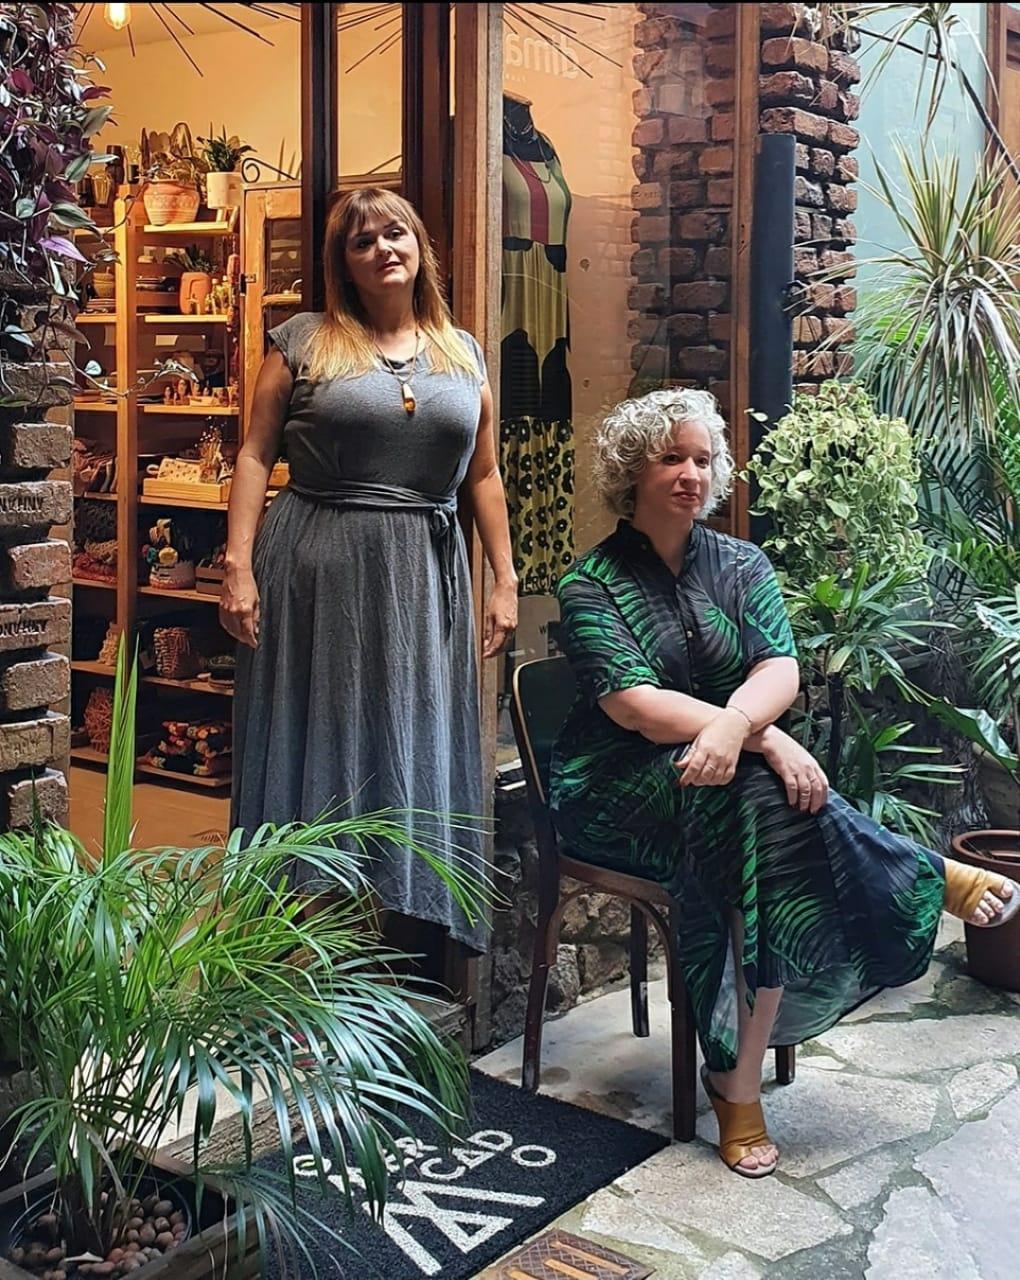 Duas mulheres posam na foto, uma sentada com braços cruzados e outra em pé